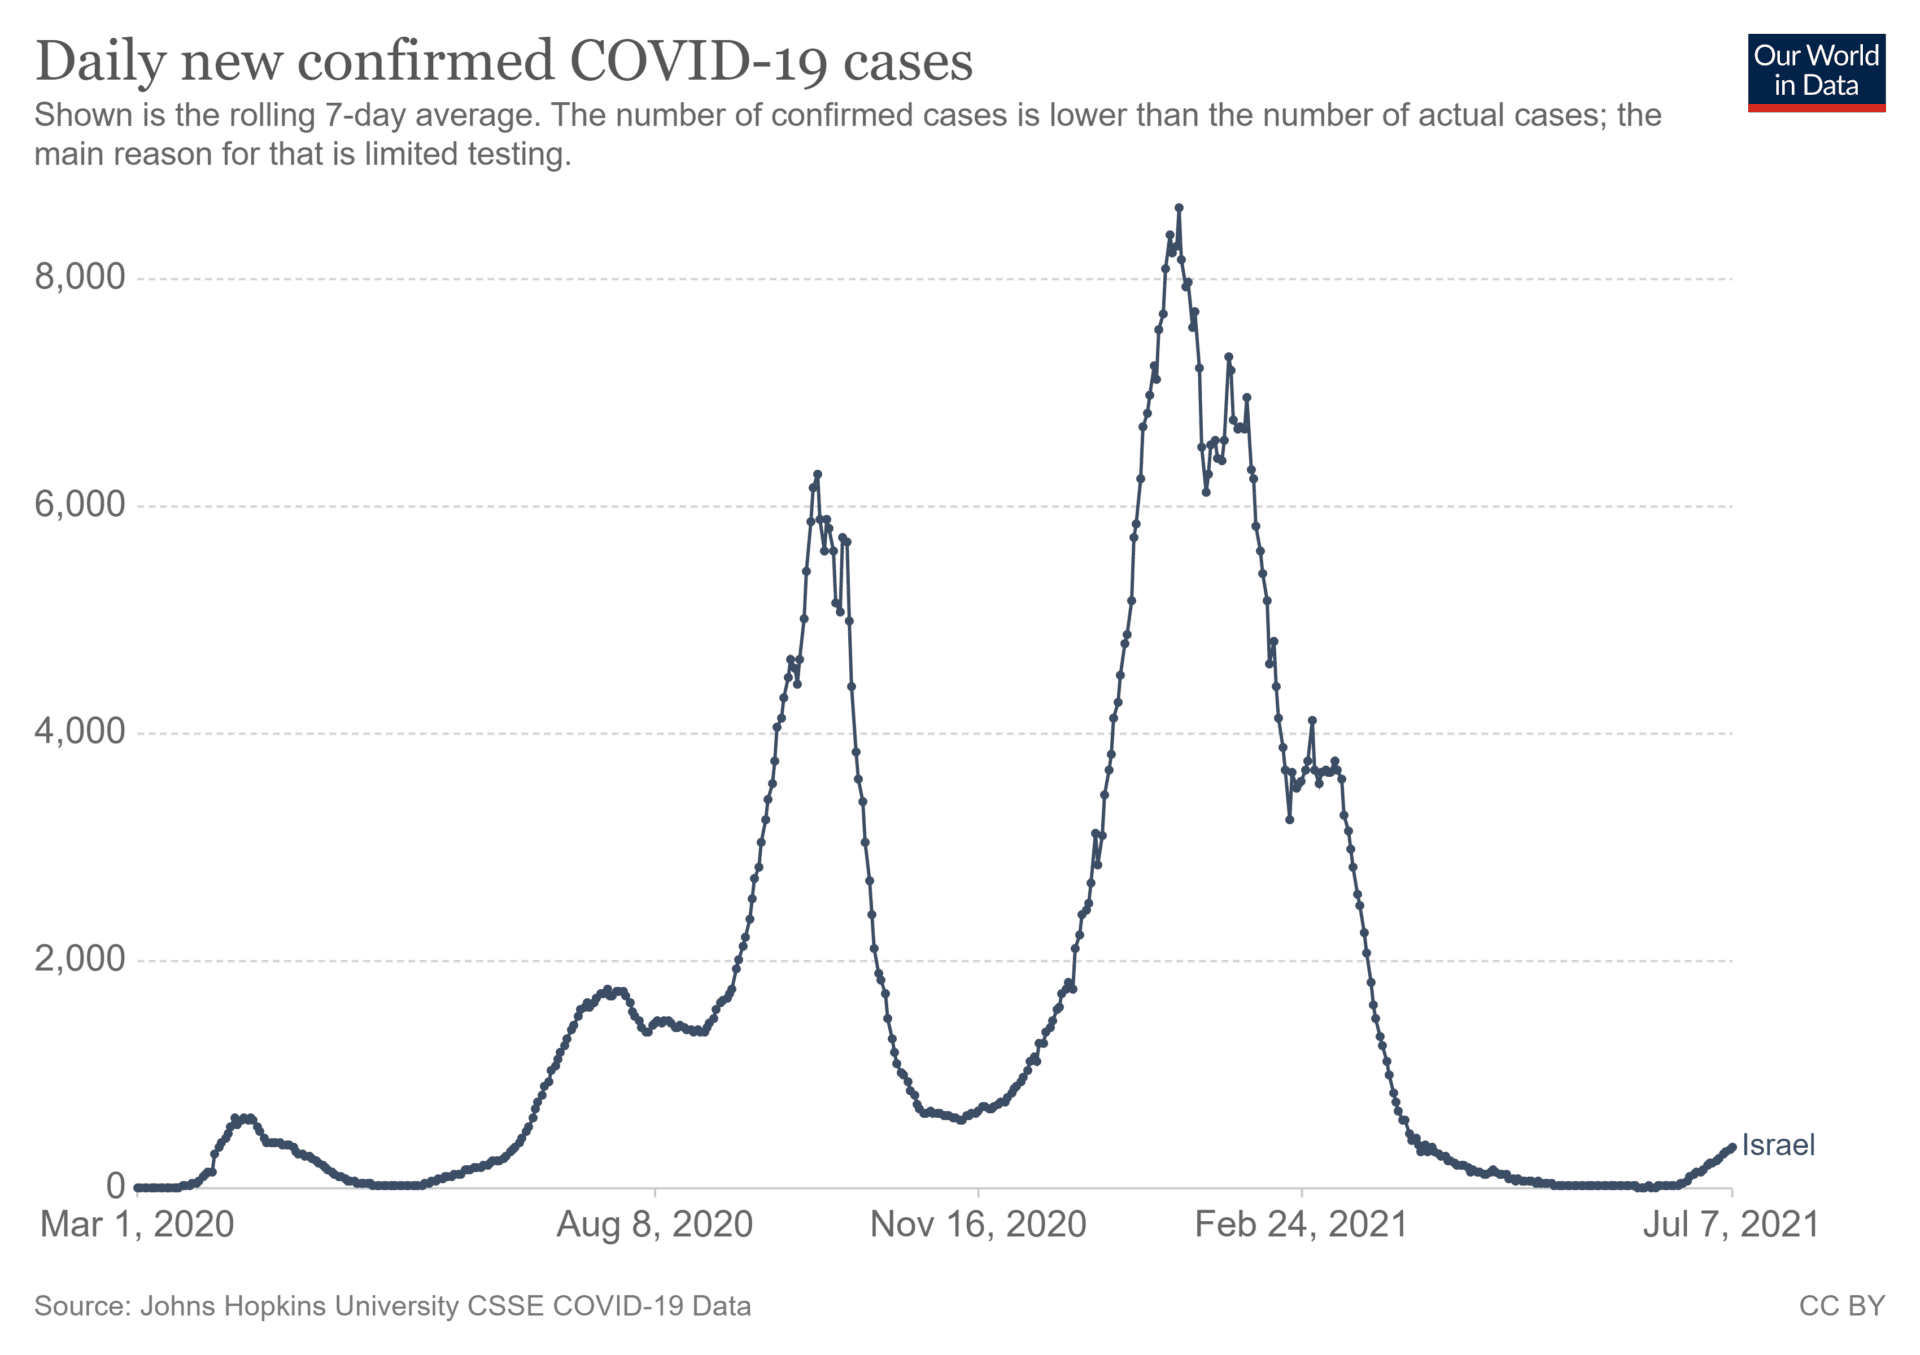 Wykres przedstawiający ilość dziennych nowych zakażeń wirusem SARS-CoV-2 wIzraelu. Widać nanim wyraźny wzrost przypadków we wrześniu 2020 roku orazw styczniu 2021 roku, atakże gwałtowny spadek wlistopadzie 2020 roku orazmarcu 2021 roku.